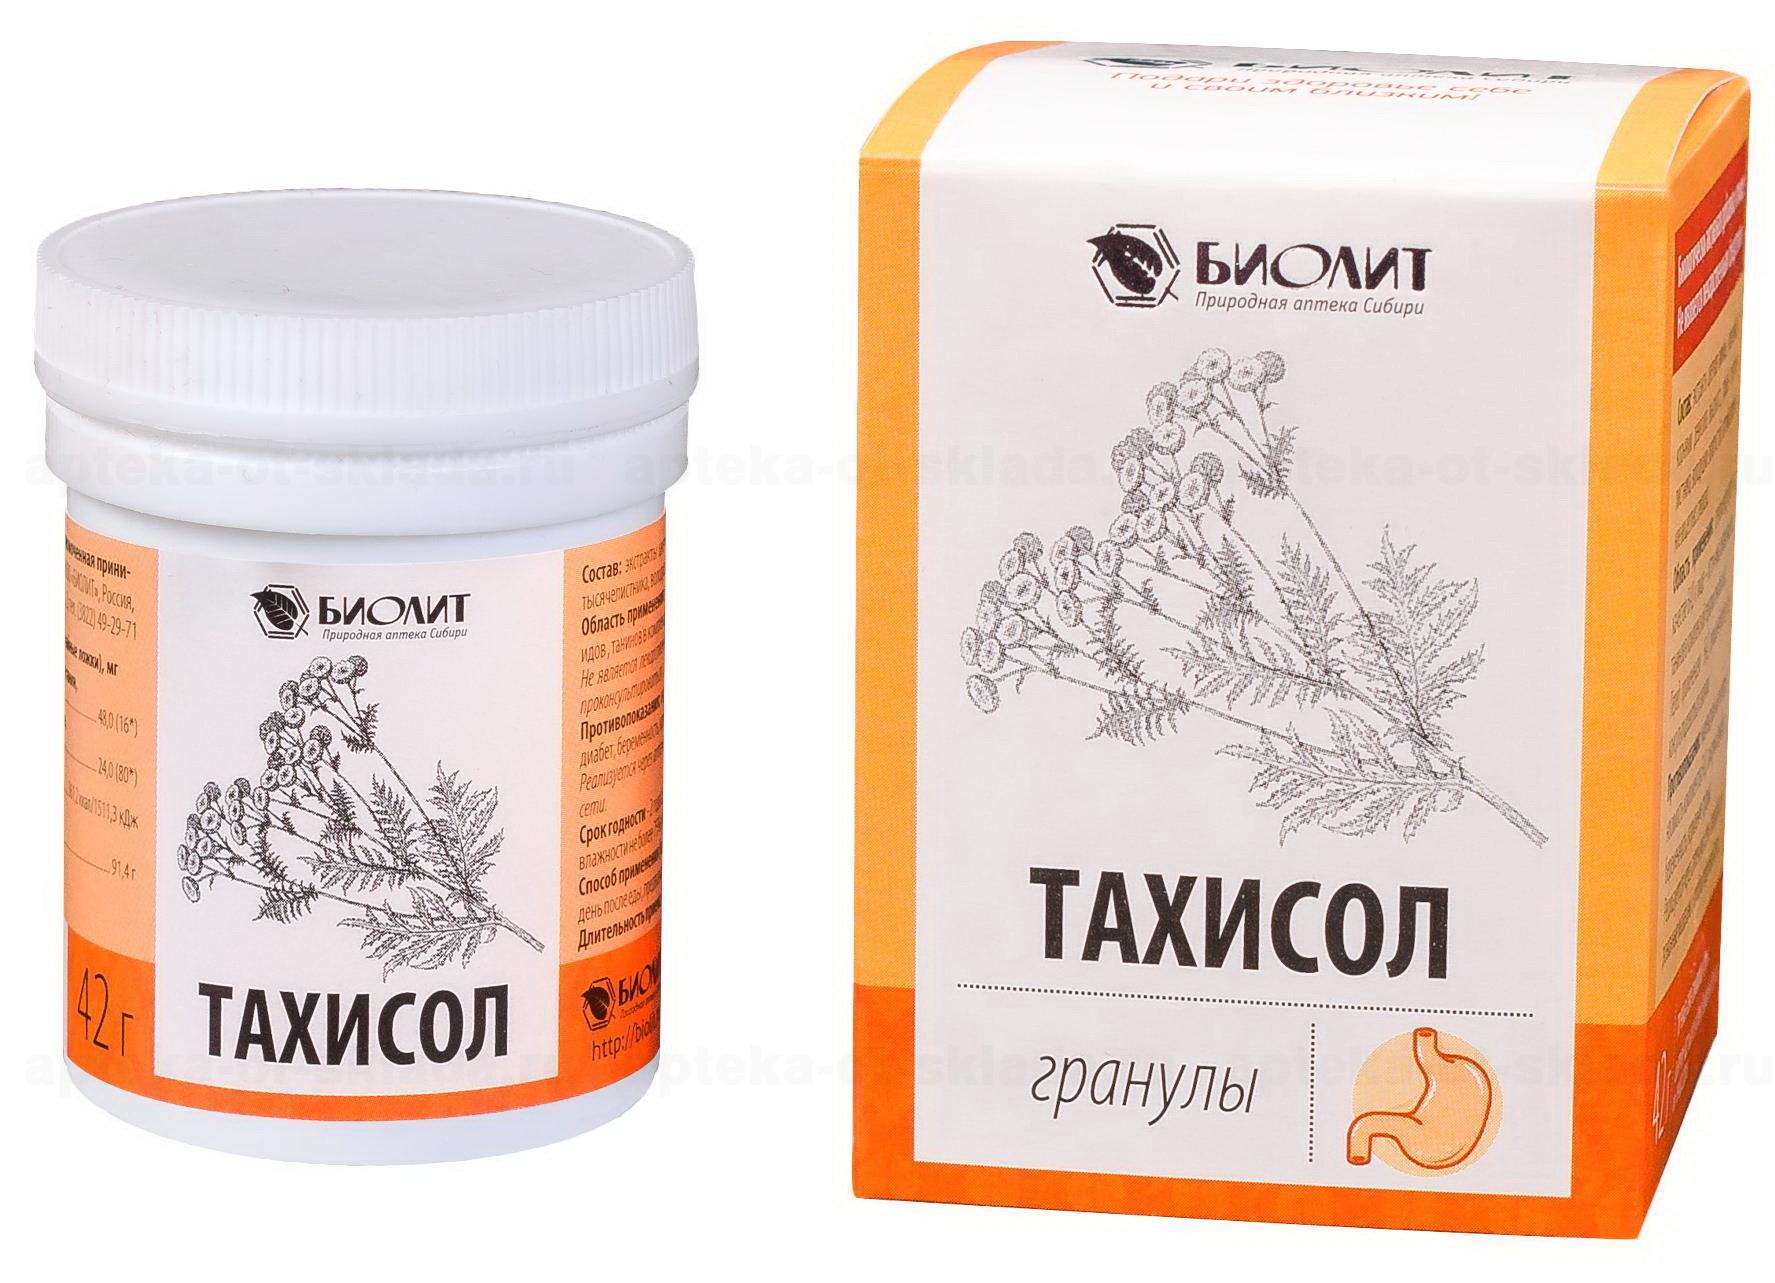 Тахисол гранулы 42г БАД N 1 купить в Новосибирск, описание и инструкция по применению лекарства, купить Тахисол гранулы 42г БАД N 1 заказ на Apteka-ot-sklada.ru